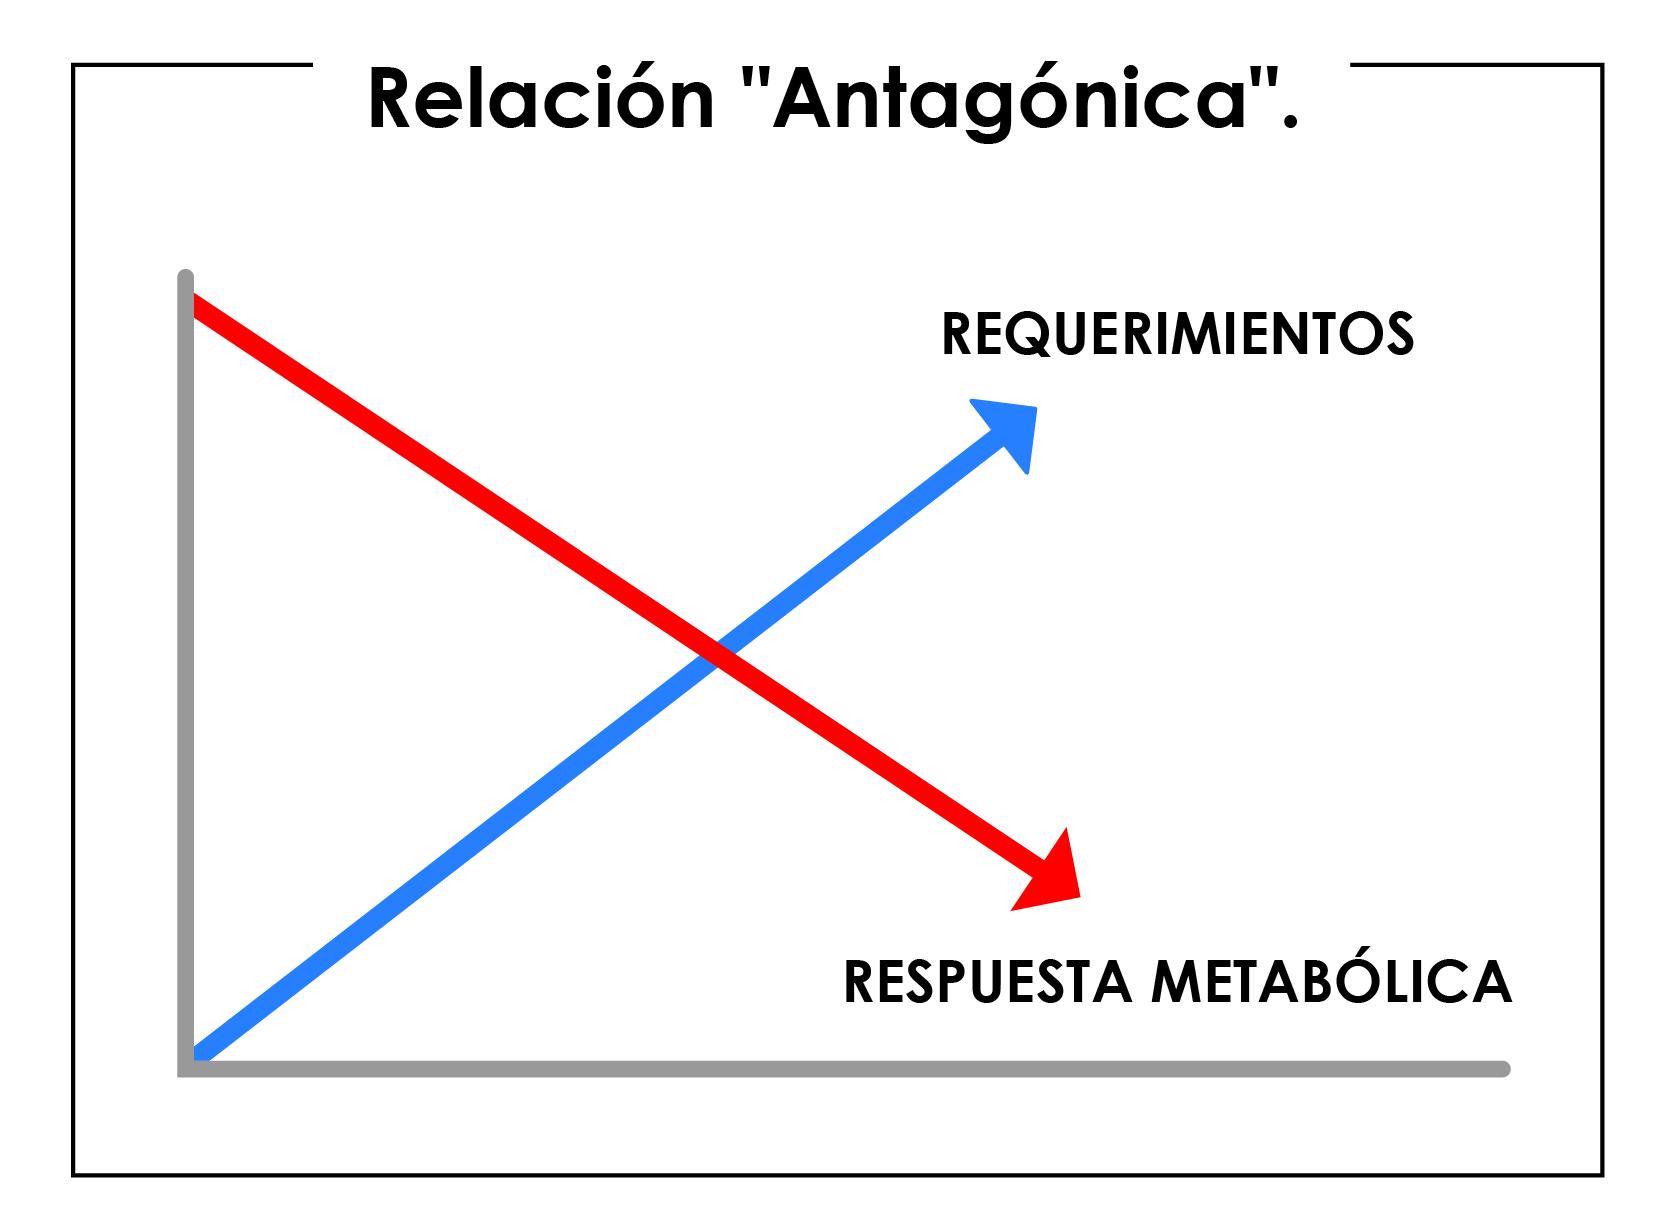 RELACIÓN ANTAGÓNICA.jpg